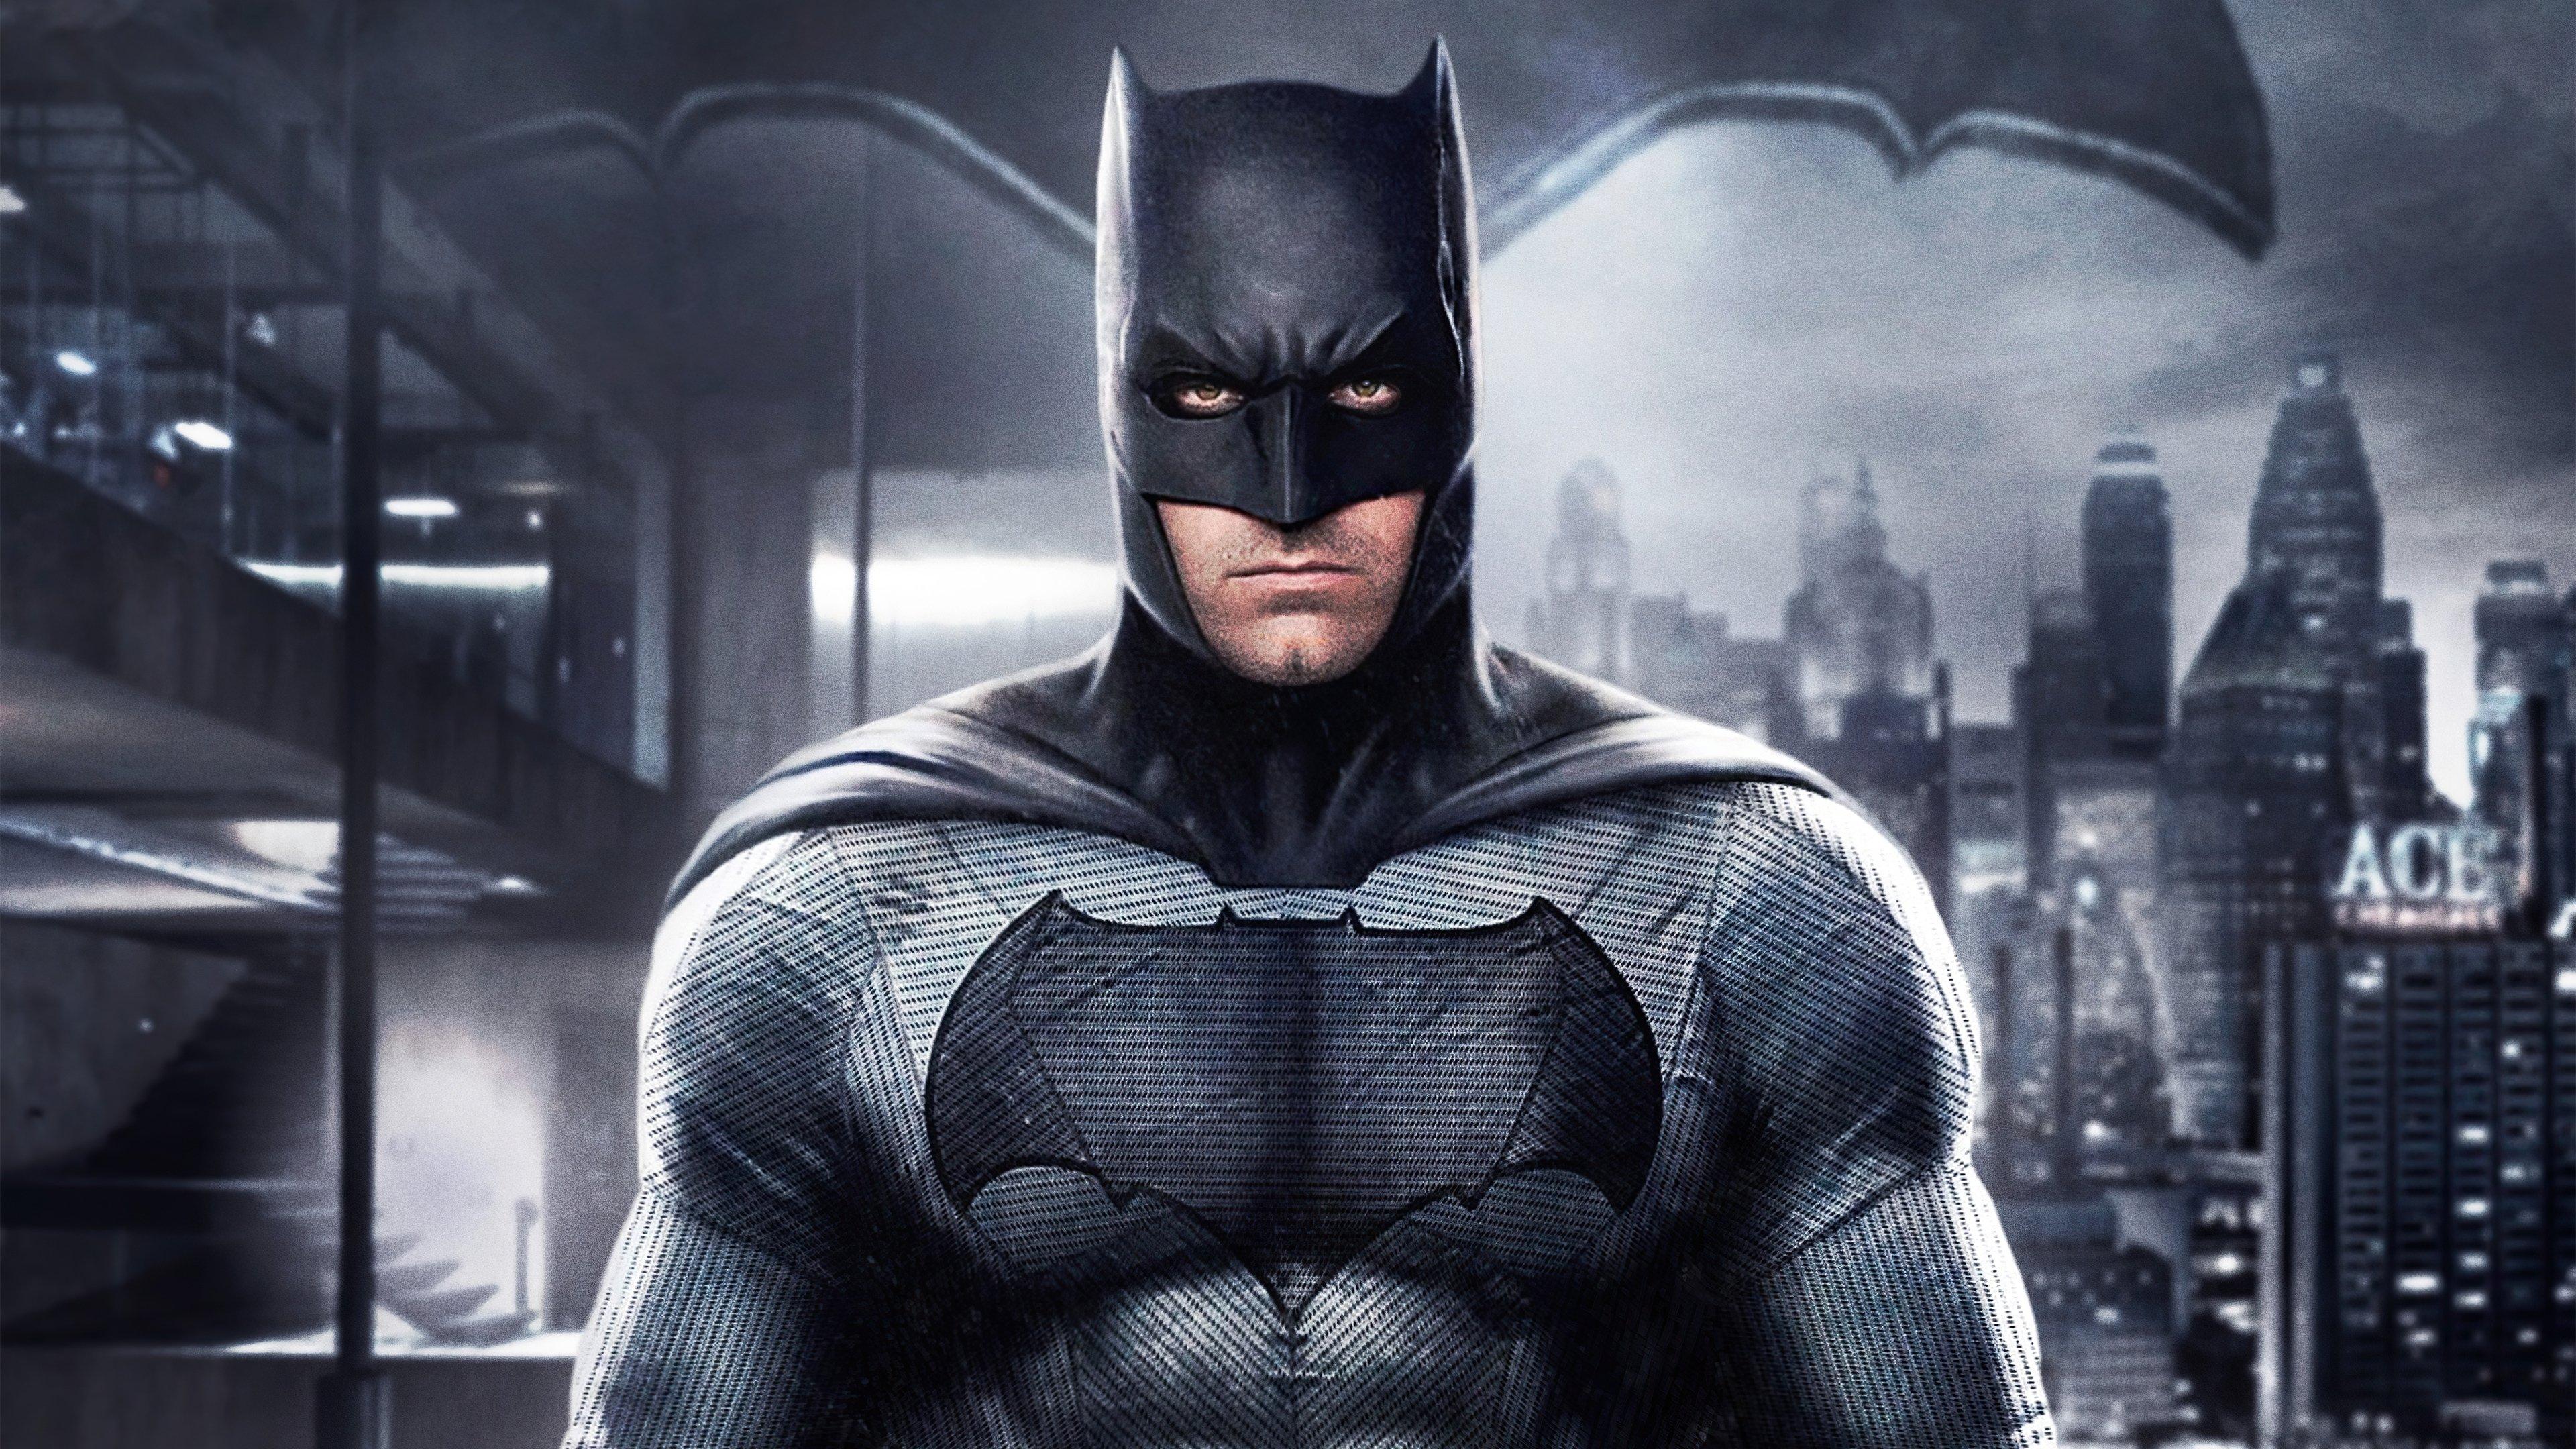 Fondos de pantalla Batman con ciudad de fondo